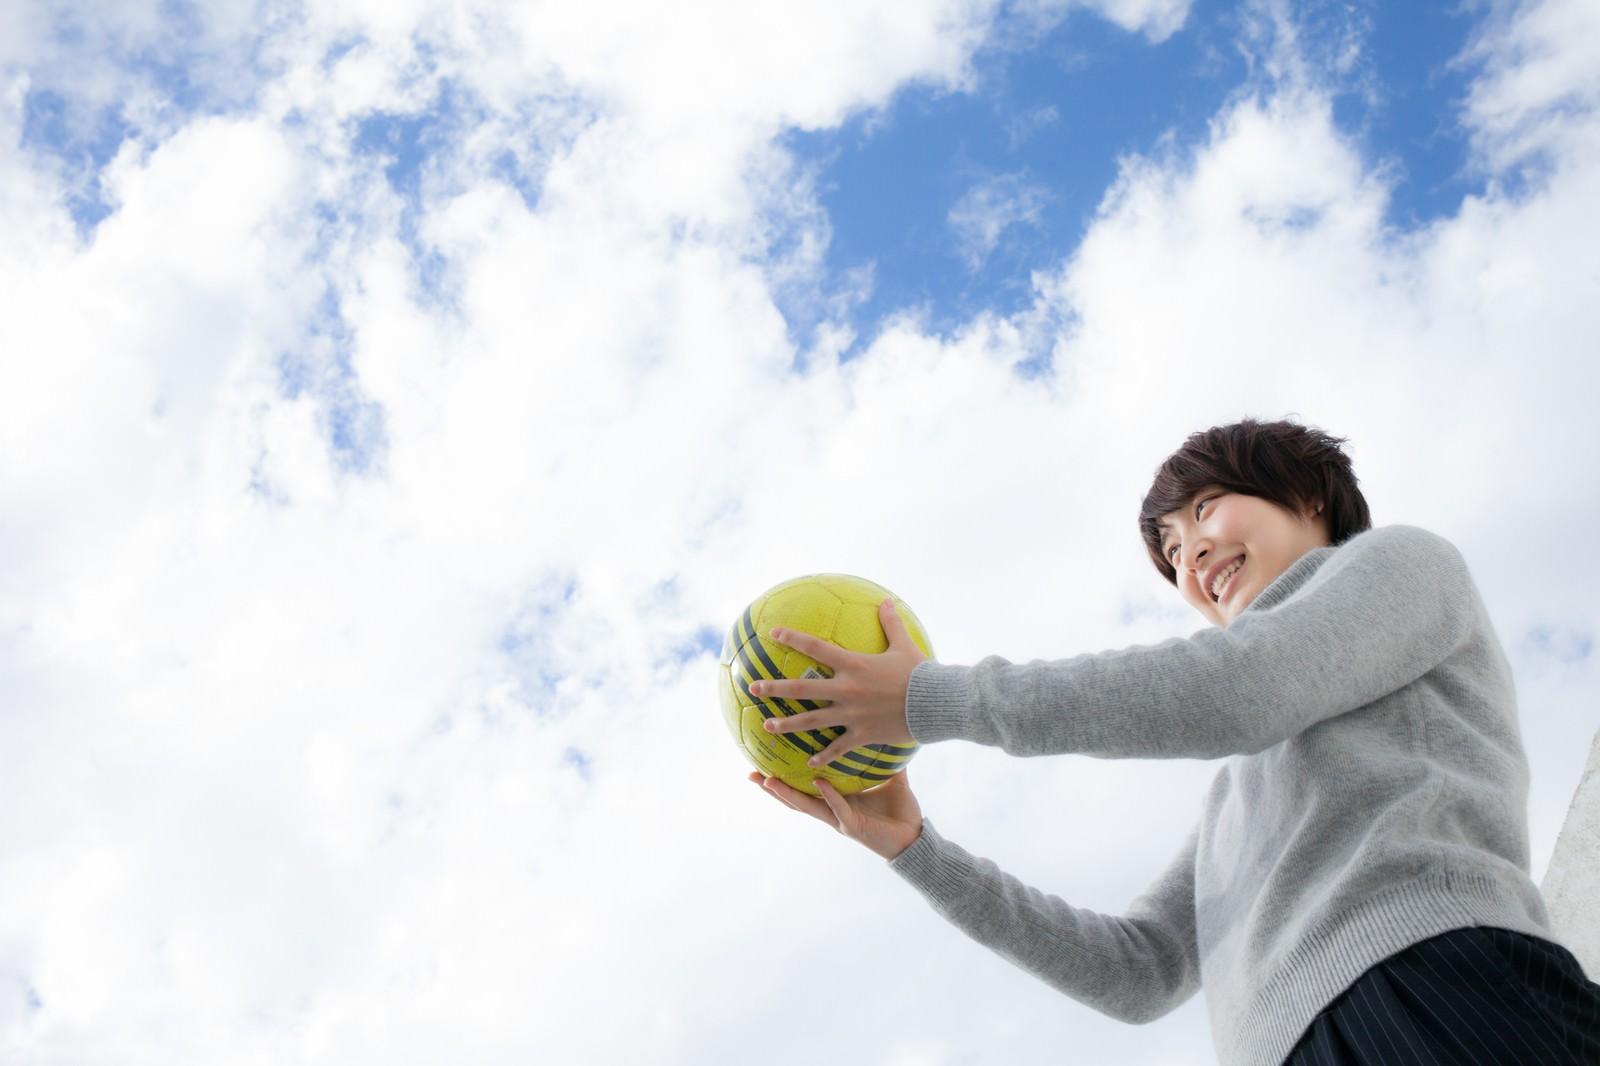 コーディネーショントレーニングとは何か?能力7つと鍛える遊び